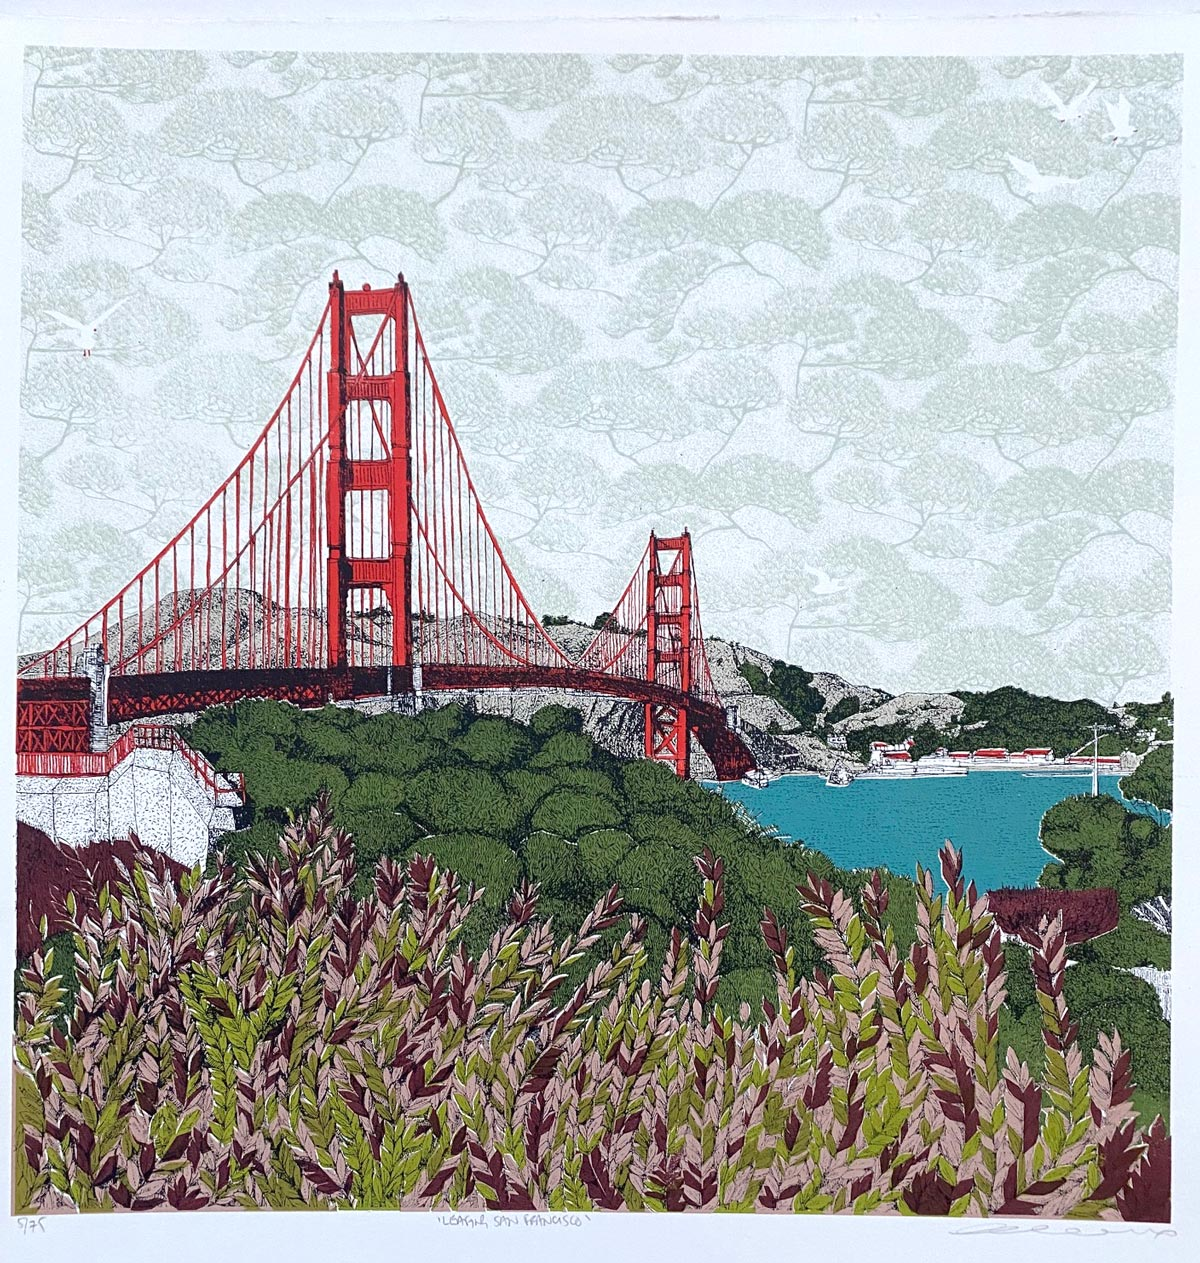 Clare Halifax - Leafing San Francisco, 8 colour screen print. 35 x 35cm